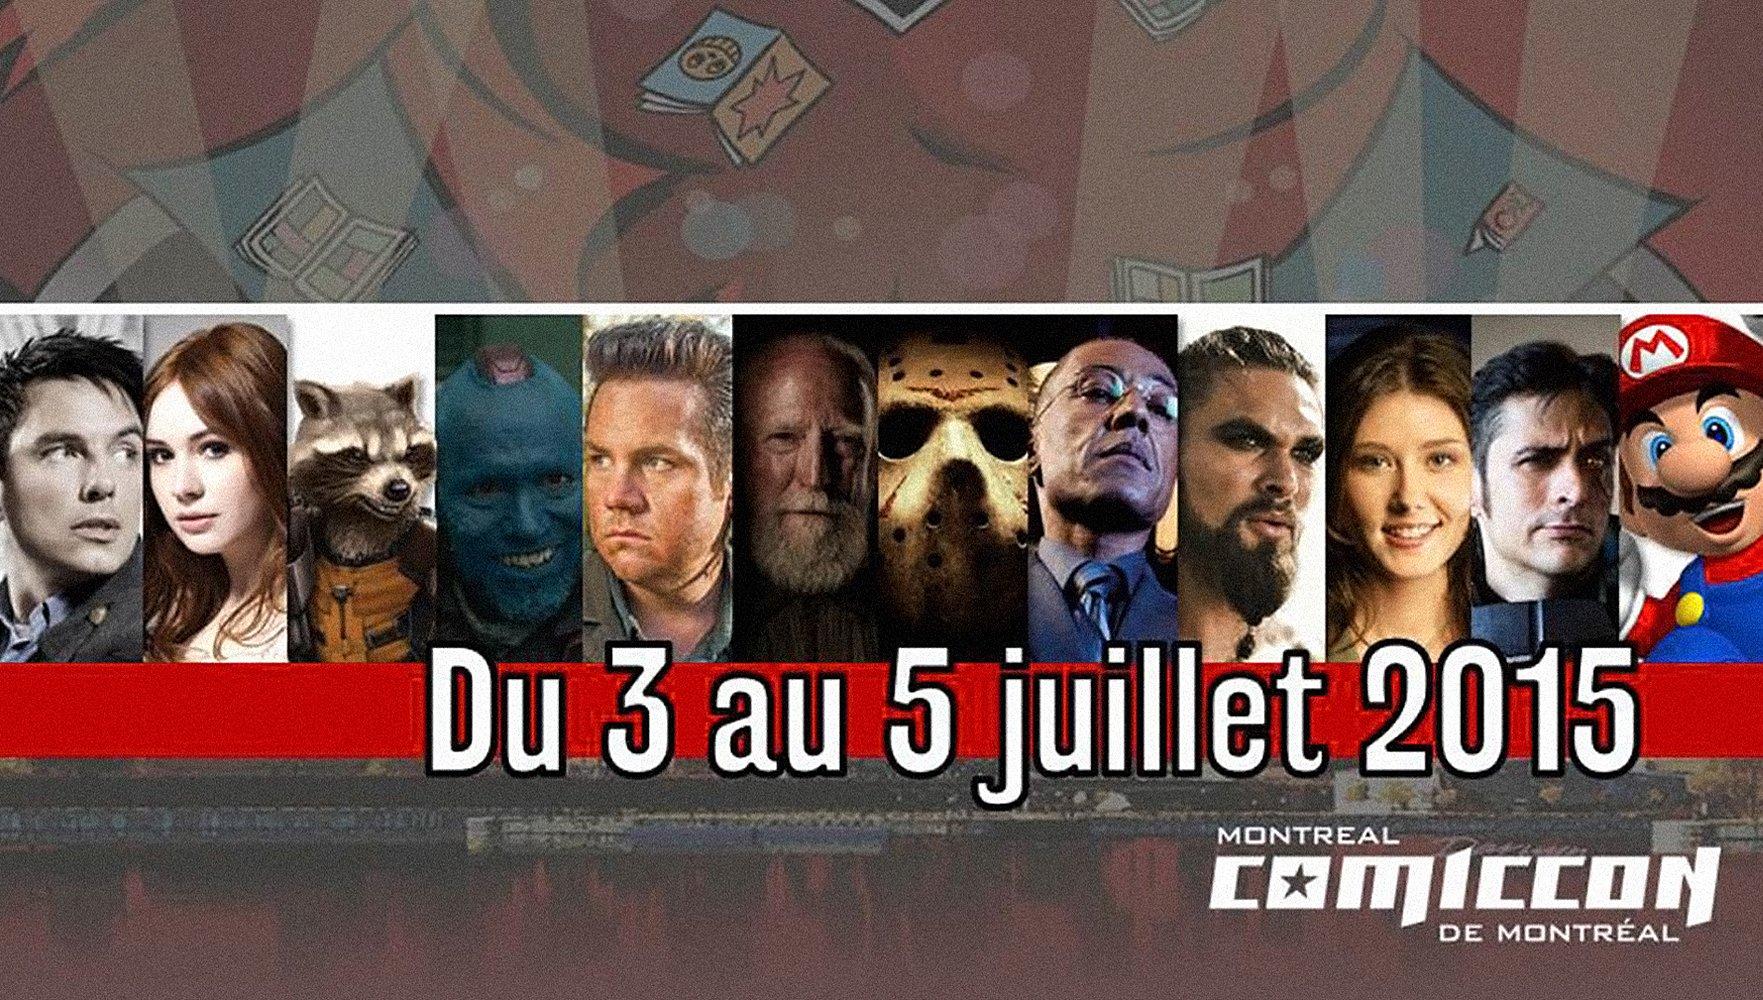 Montreal Comiccon 2015 : le rendez-vous ludique des fans finis de films cultes, téléséries, jeux vidéo et BD!